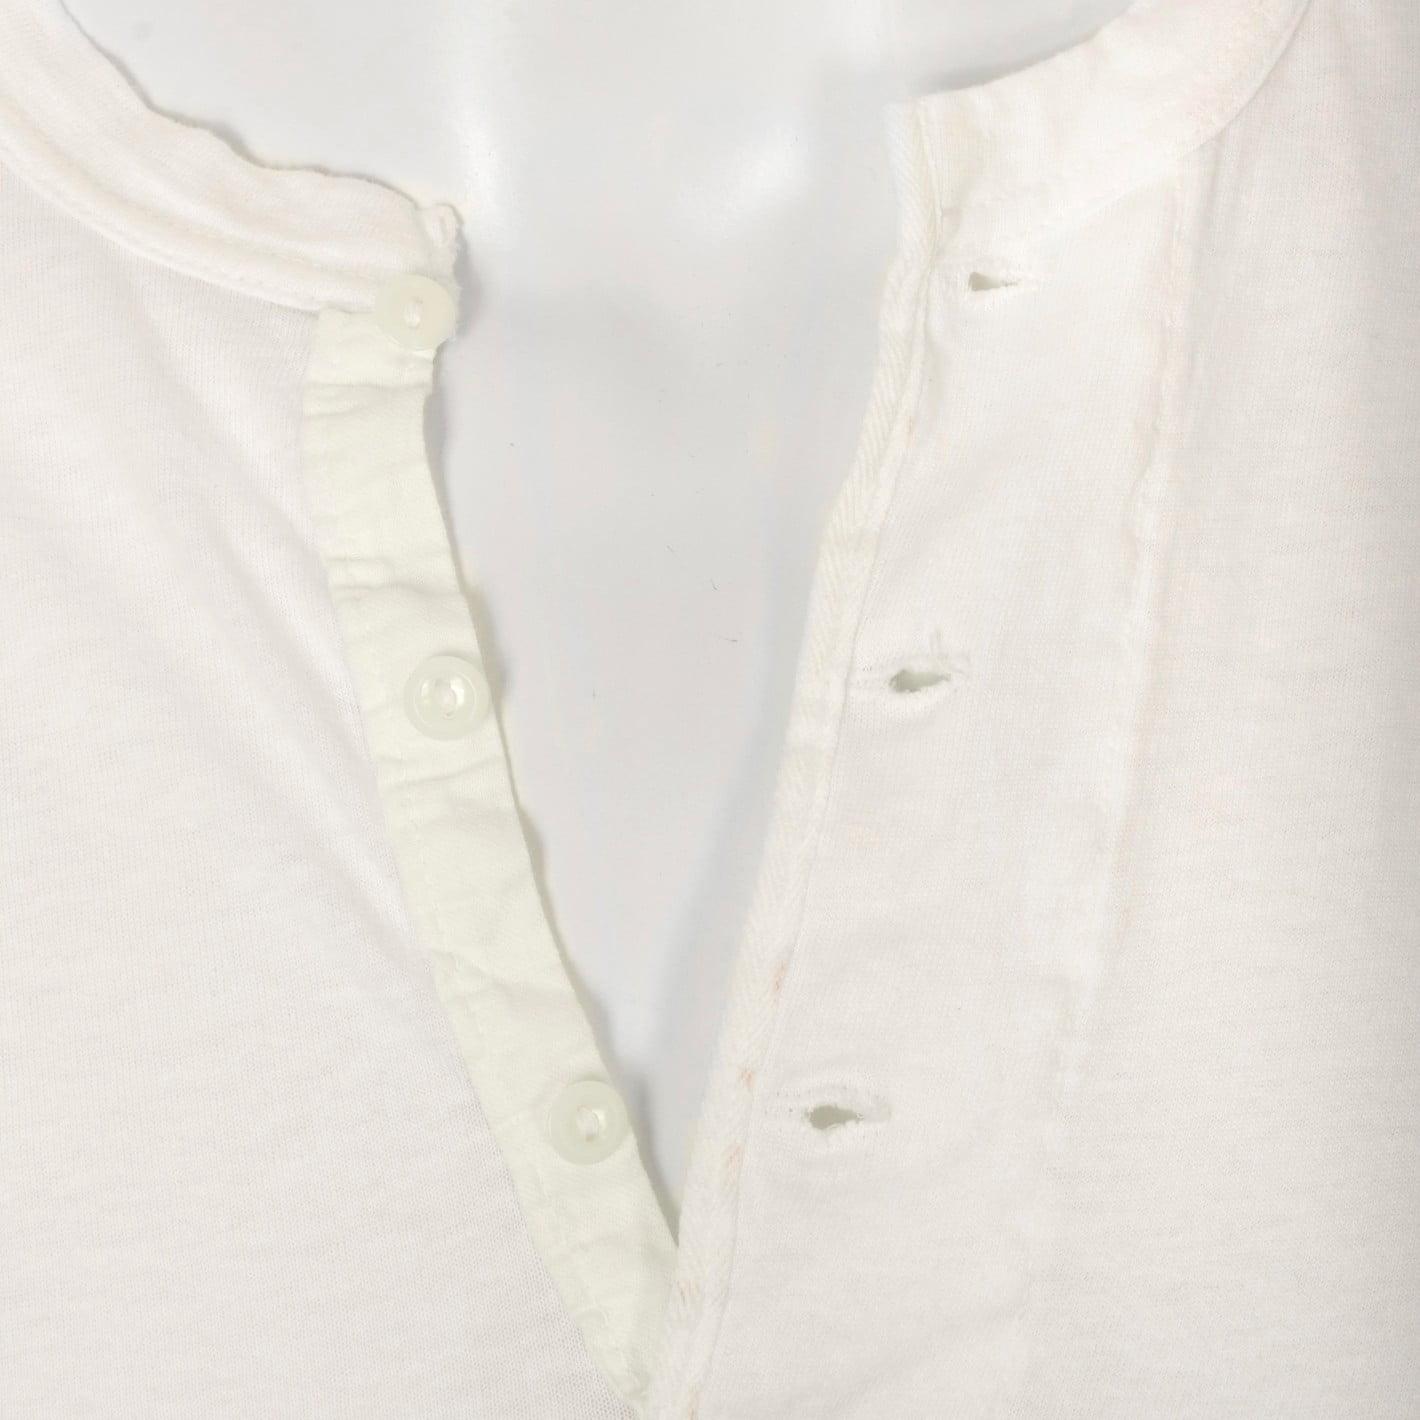 Close-up Henley shirt collar